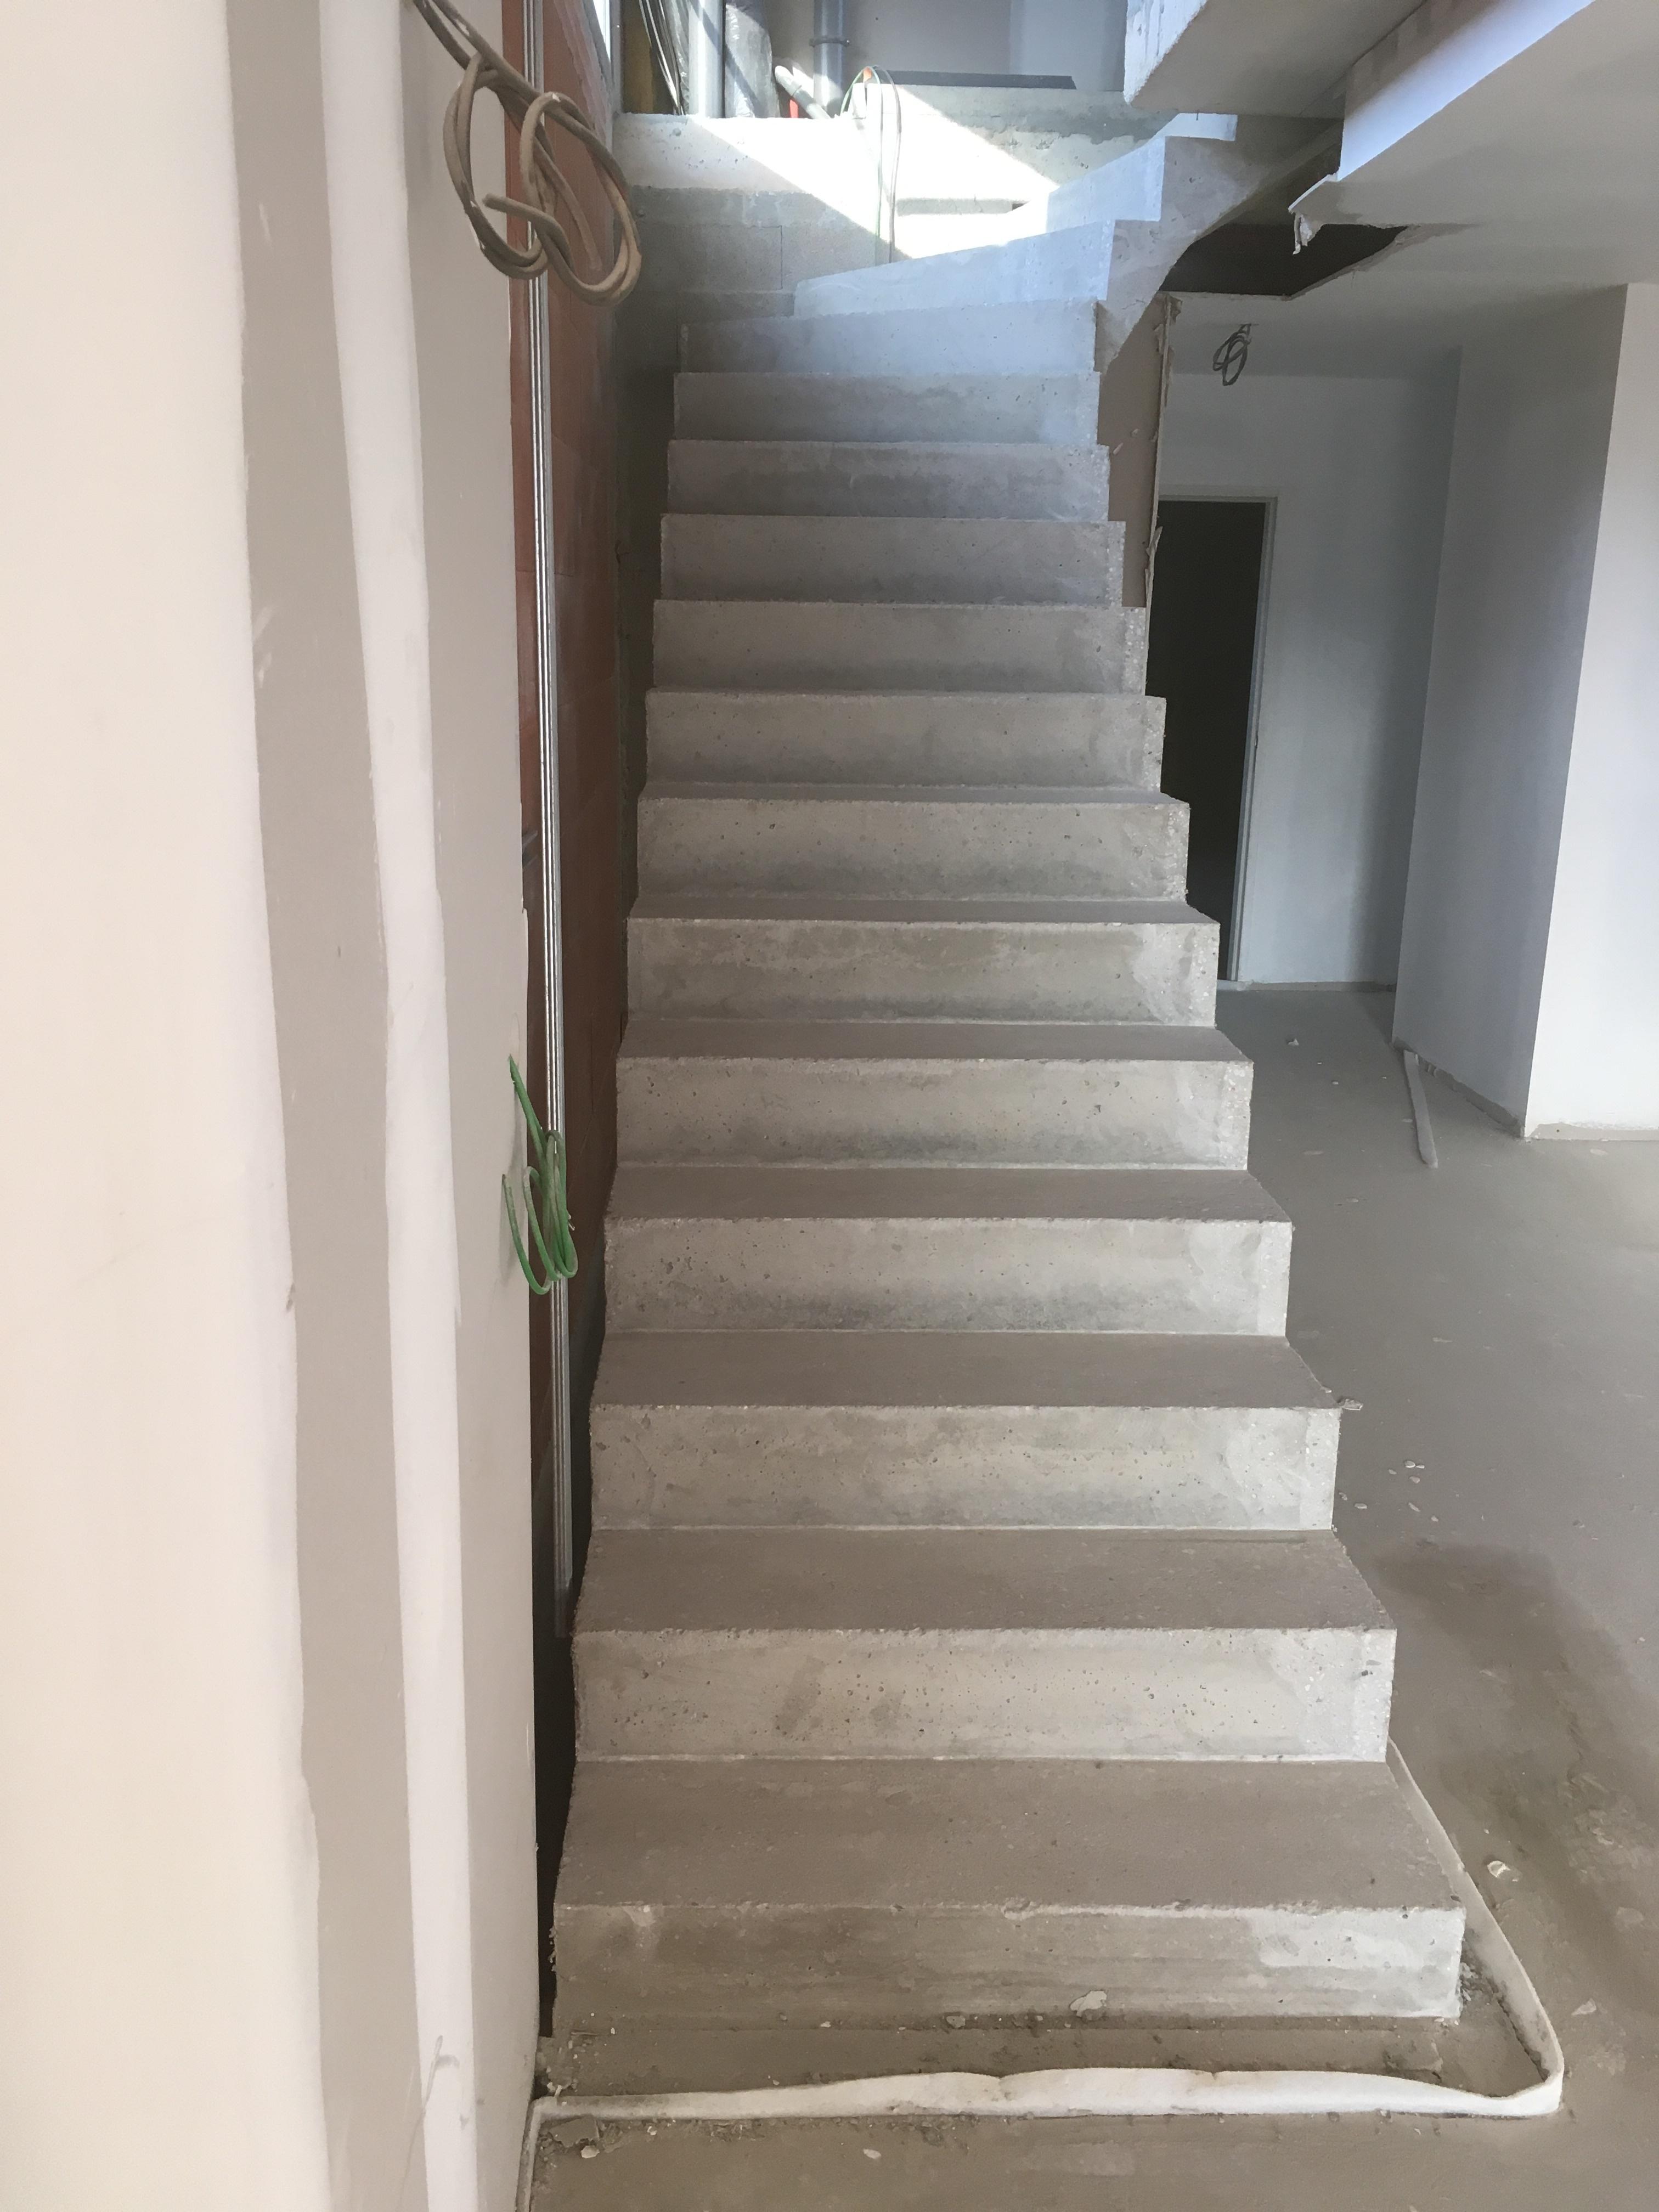 bel escalier à paillasse un quart balancé en béton brut de décoffrage  à Bordeaux en Gironde  pour un constructeur